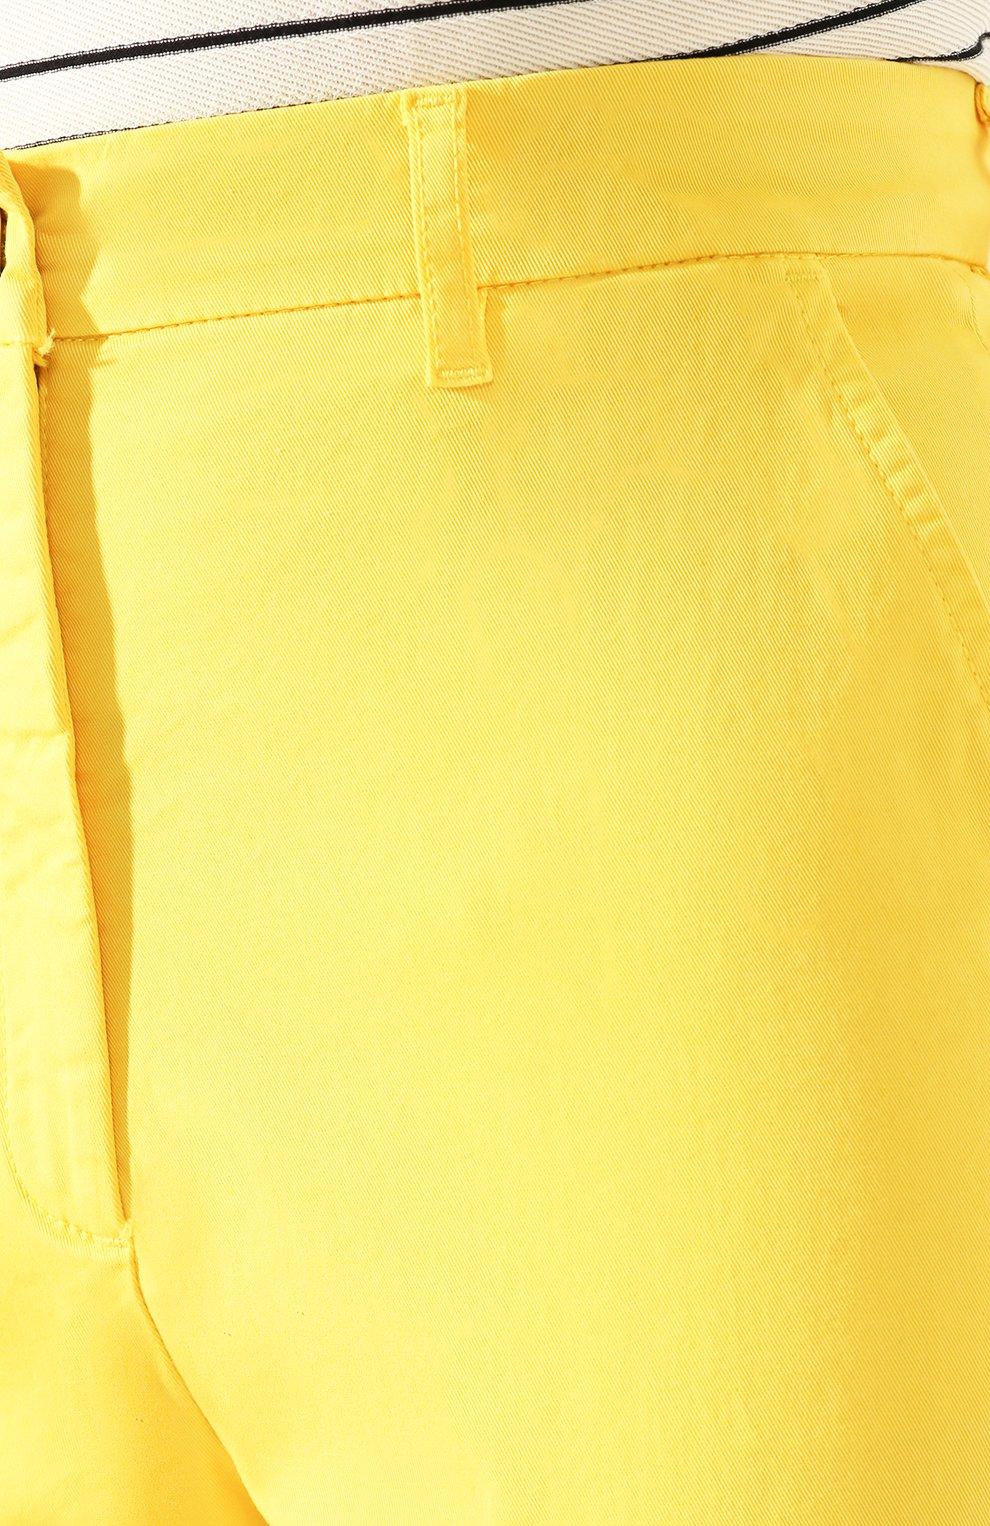 Женские хлопковые брюки TWO WOMEN IN THE WORLD желтого цвета, арт. LAUREN/YEAT3   Фото 5 (Женское Кросс-КТ: Брюки-одежда; Силуэт Ж (брюки и джинсы): Прямые; Материал внешний: Хлопок; Длина (брюки, джинсы): Укороченные)